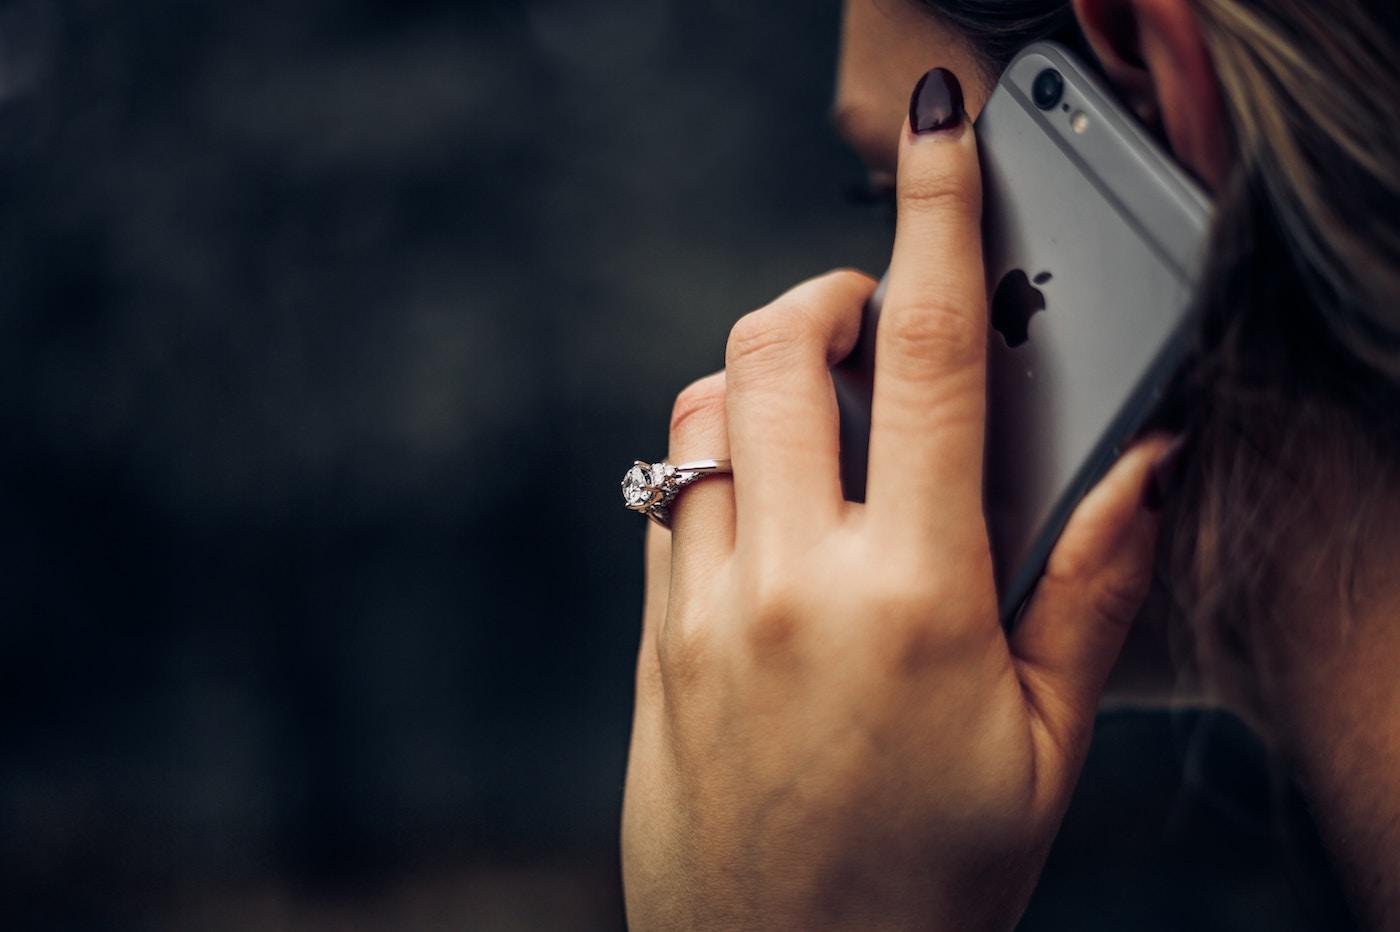 Les applications de blocage d'appels automatiques partagent nos données personnelles